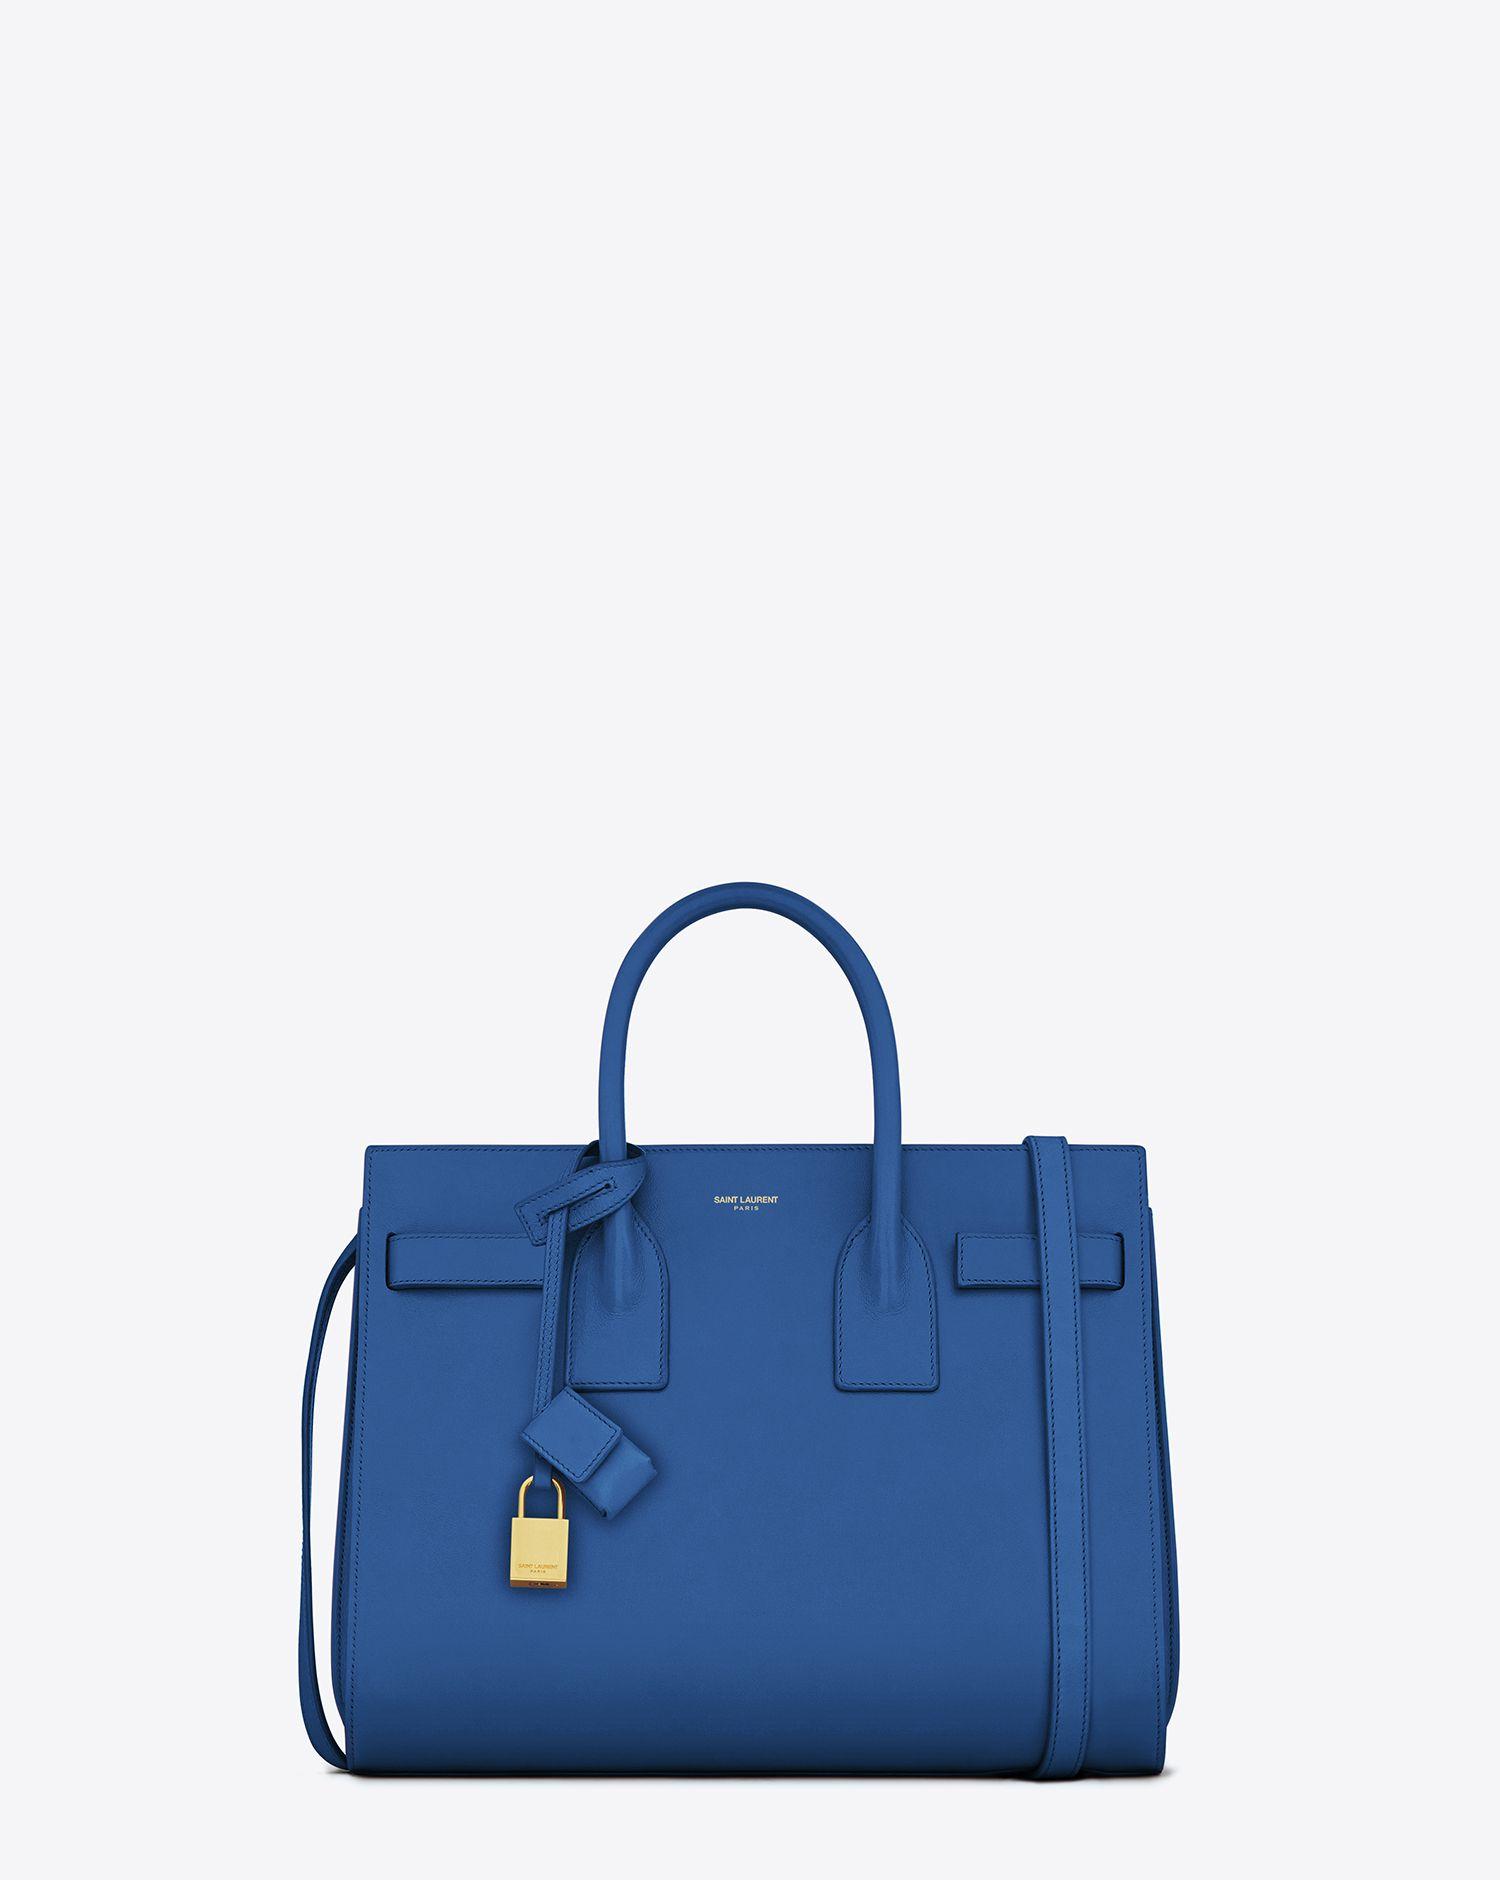 Petit sac de jour Yves Saint Laurent